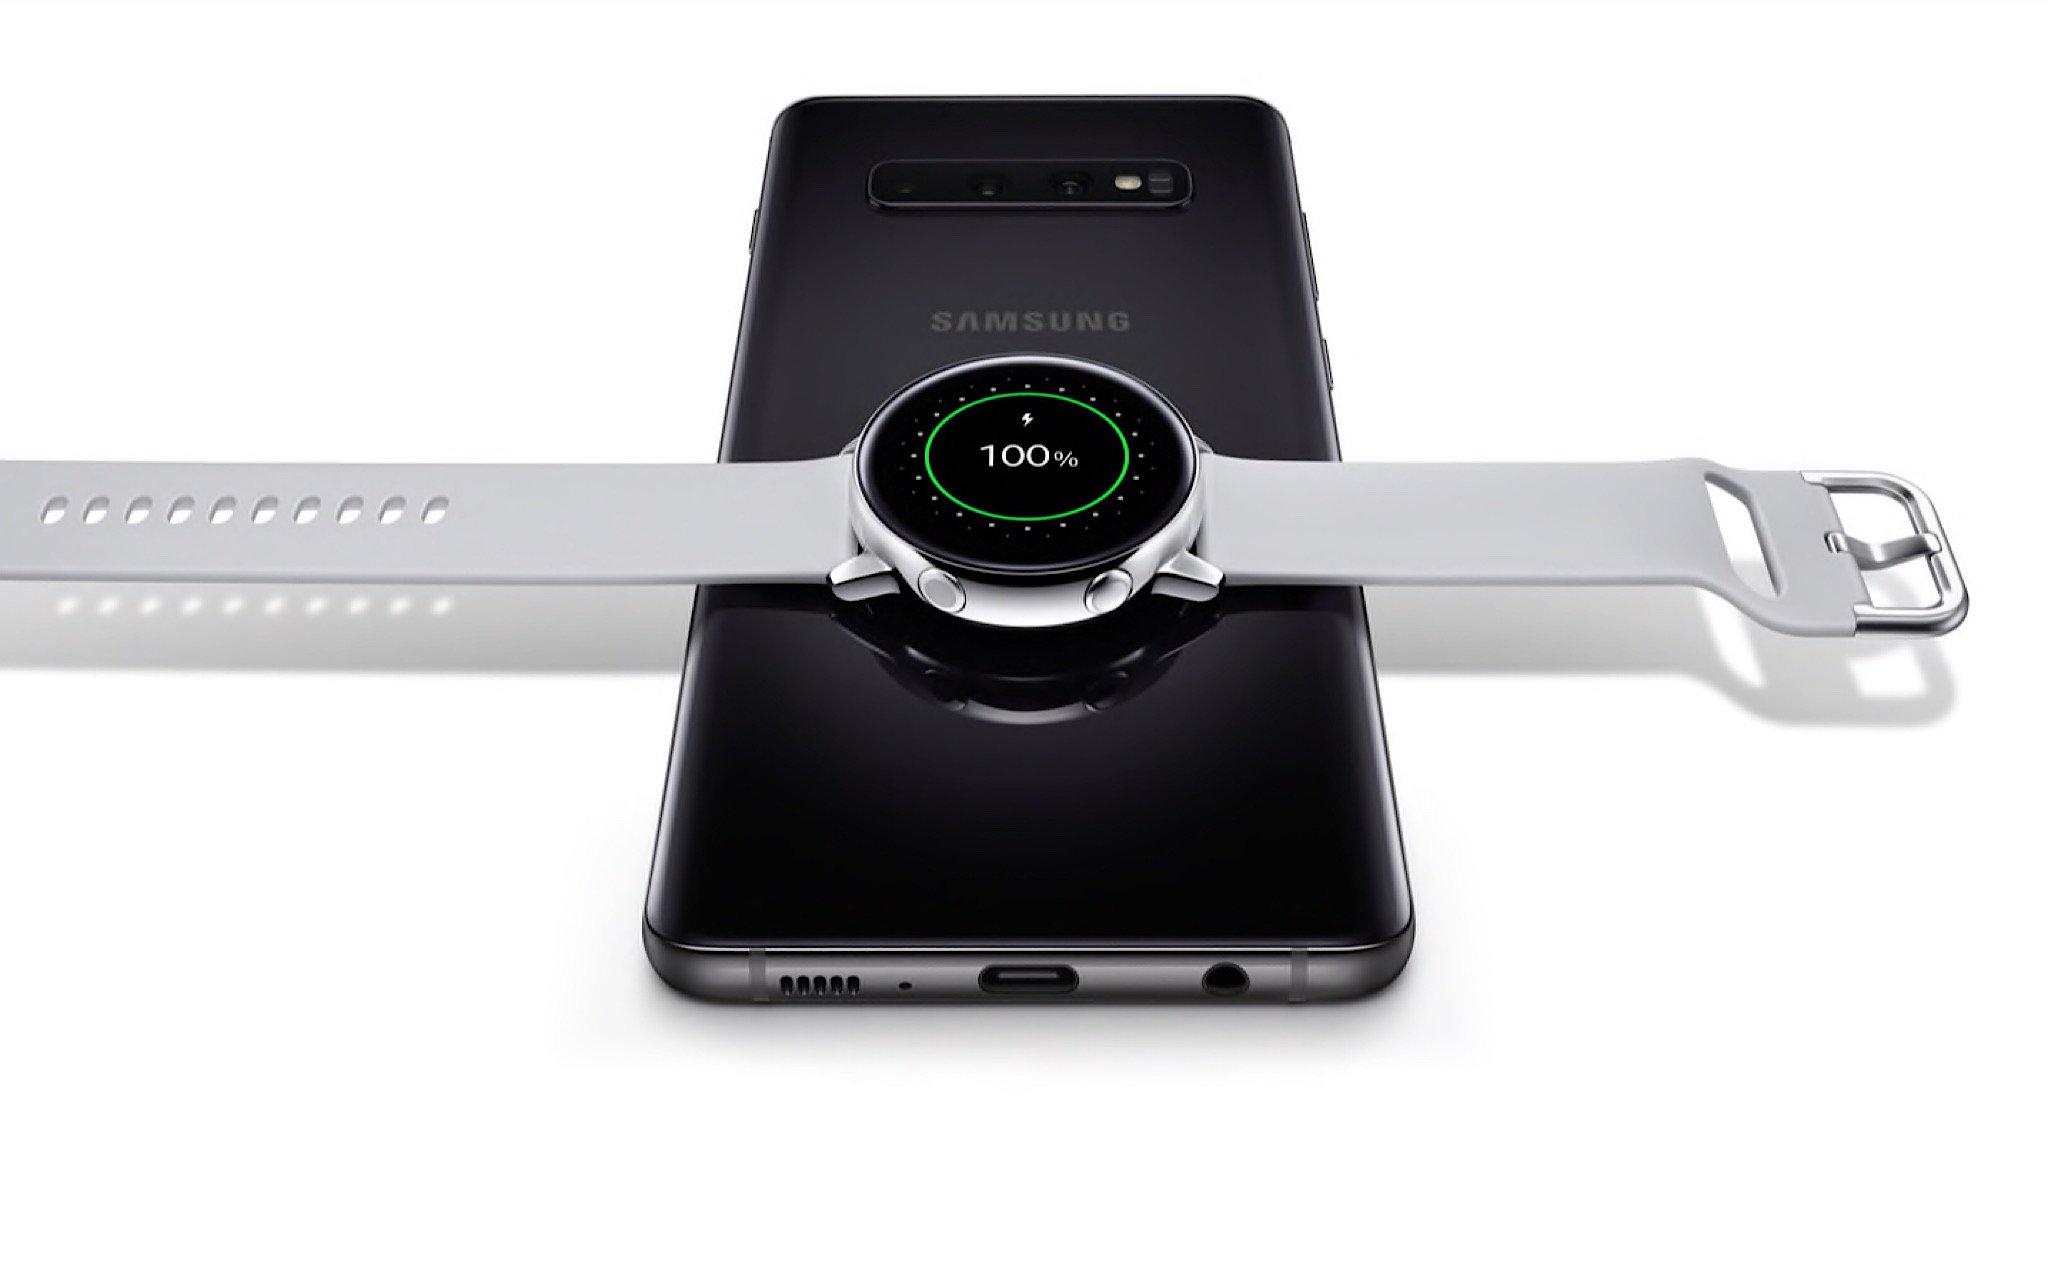 4573722_tinhte_samsung_galaxy_watch_active_vs_apple_watch_11.jpg